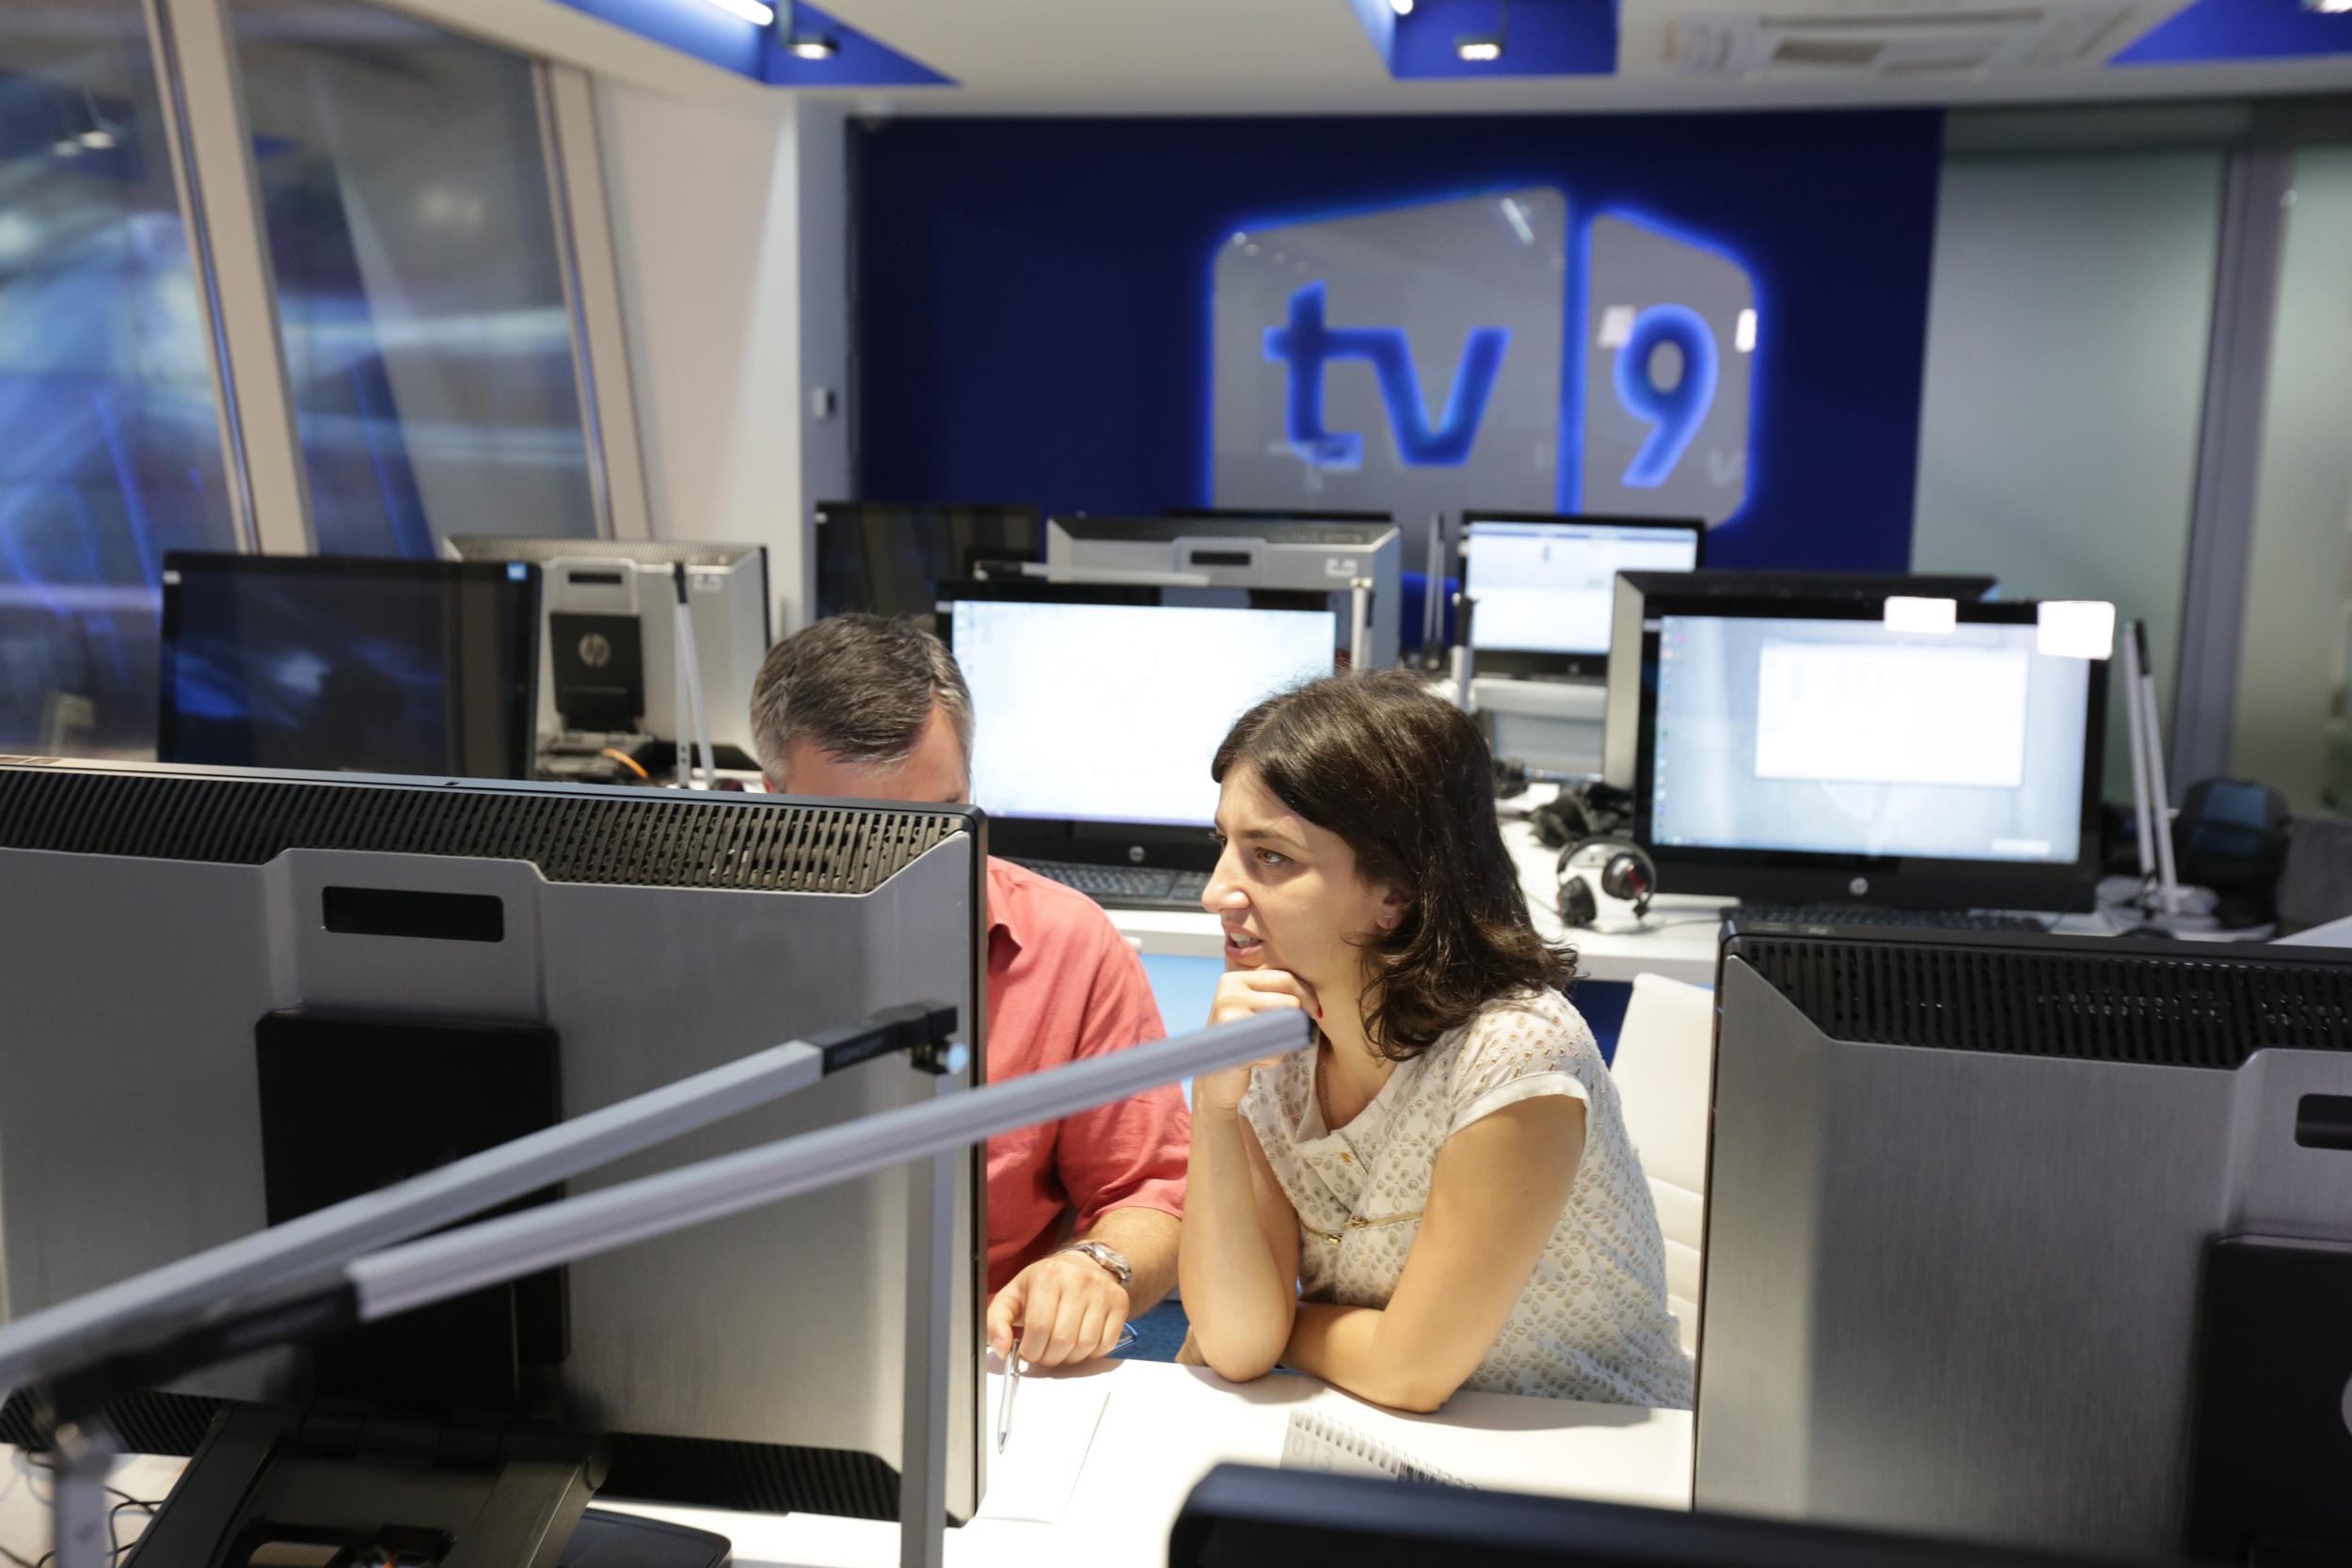 TV-9 HEADQUARTERS